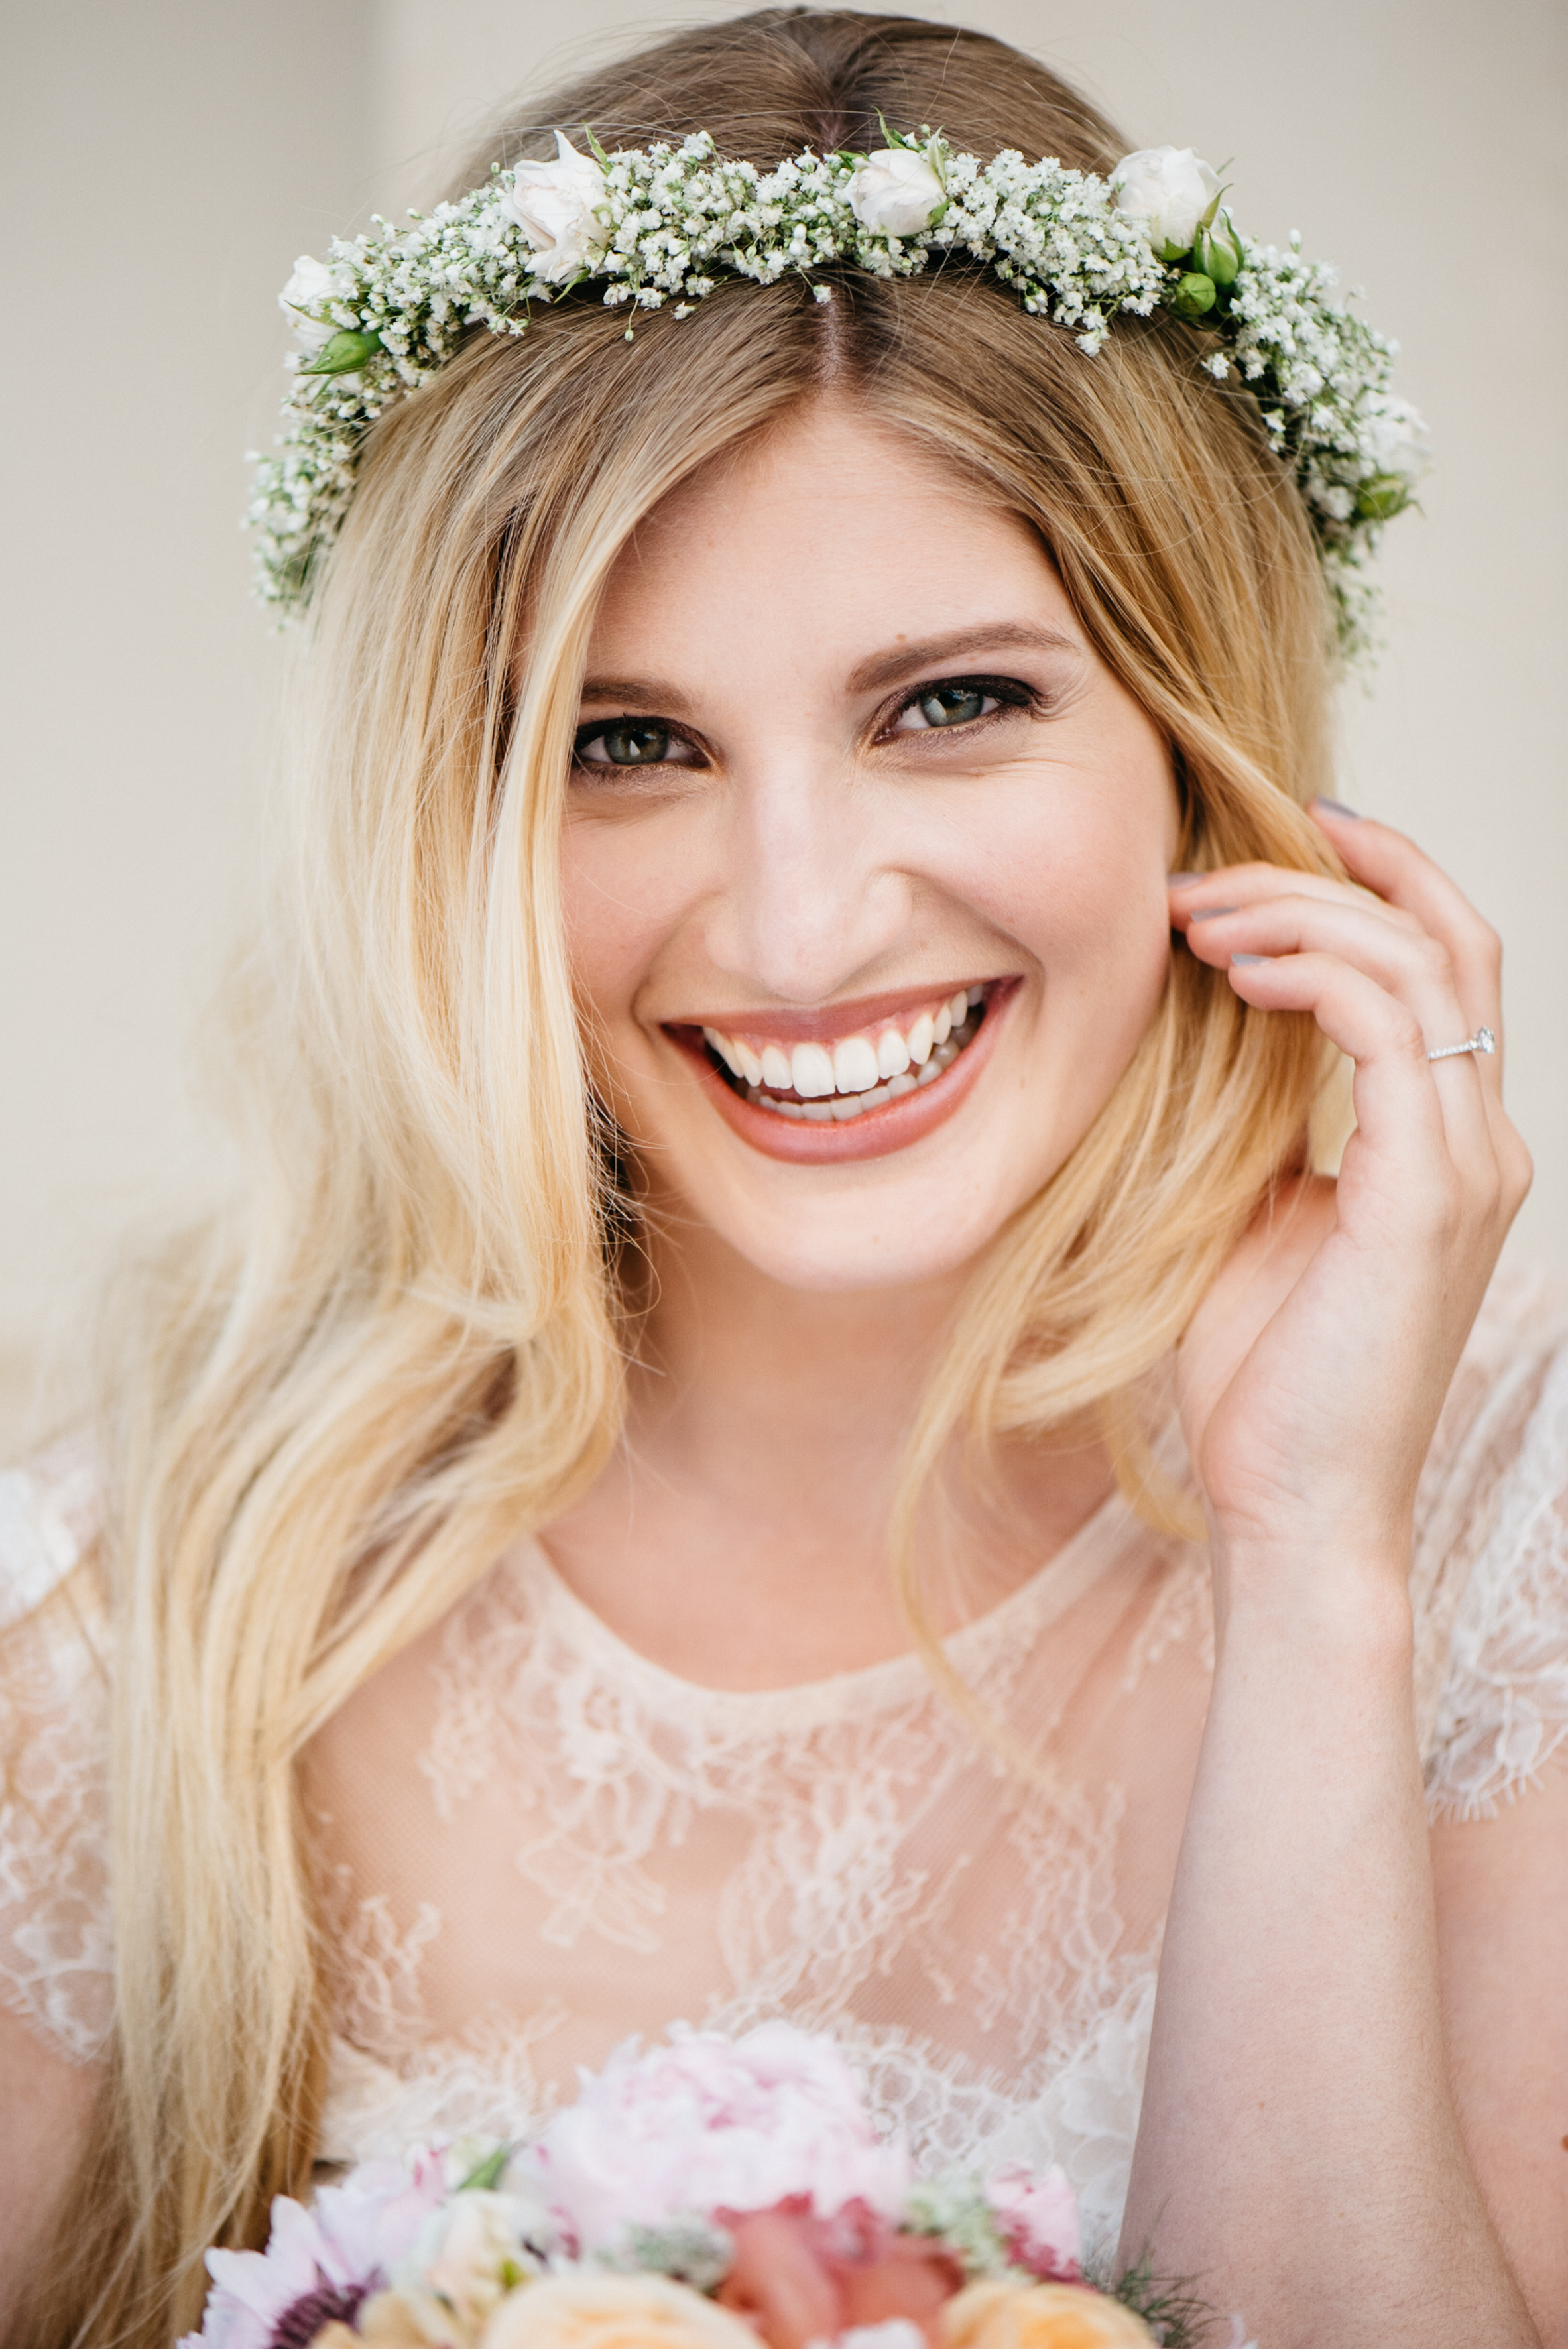 Brautfrisur Haare offen mit Blumenkranz